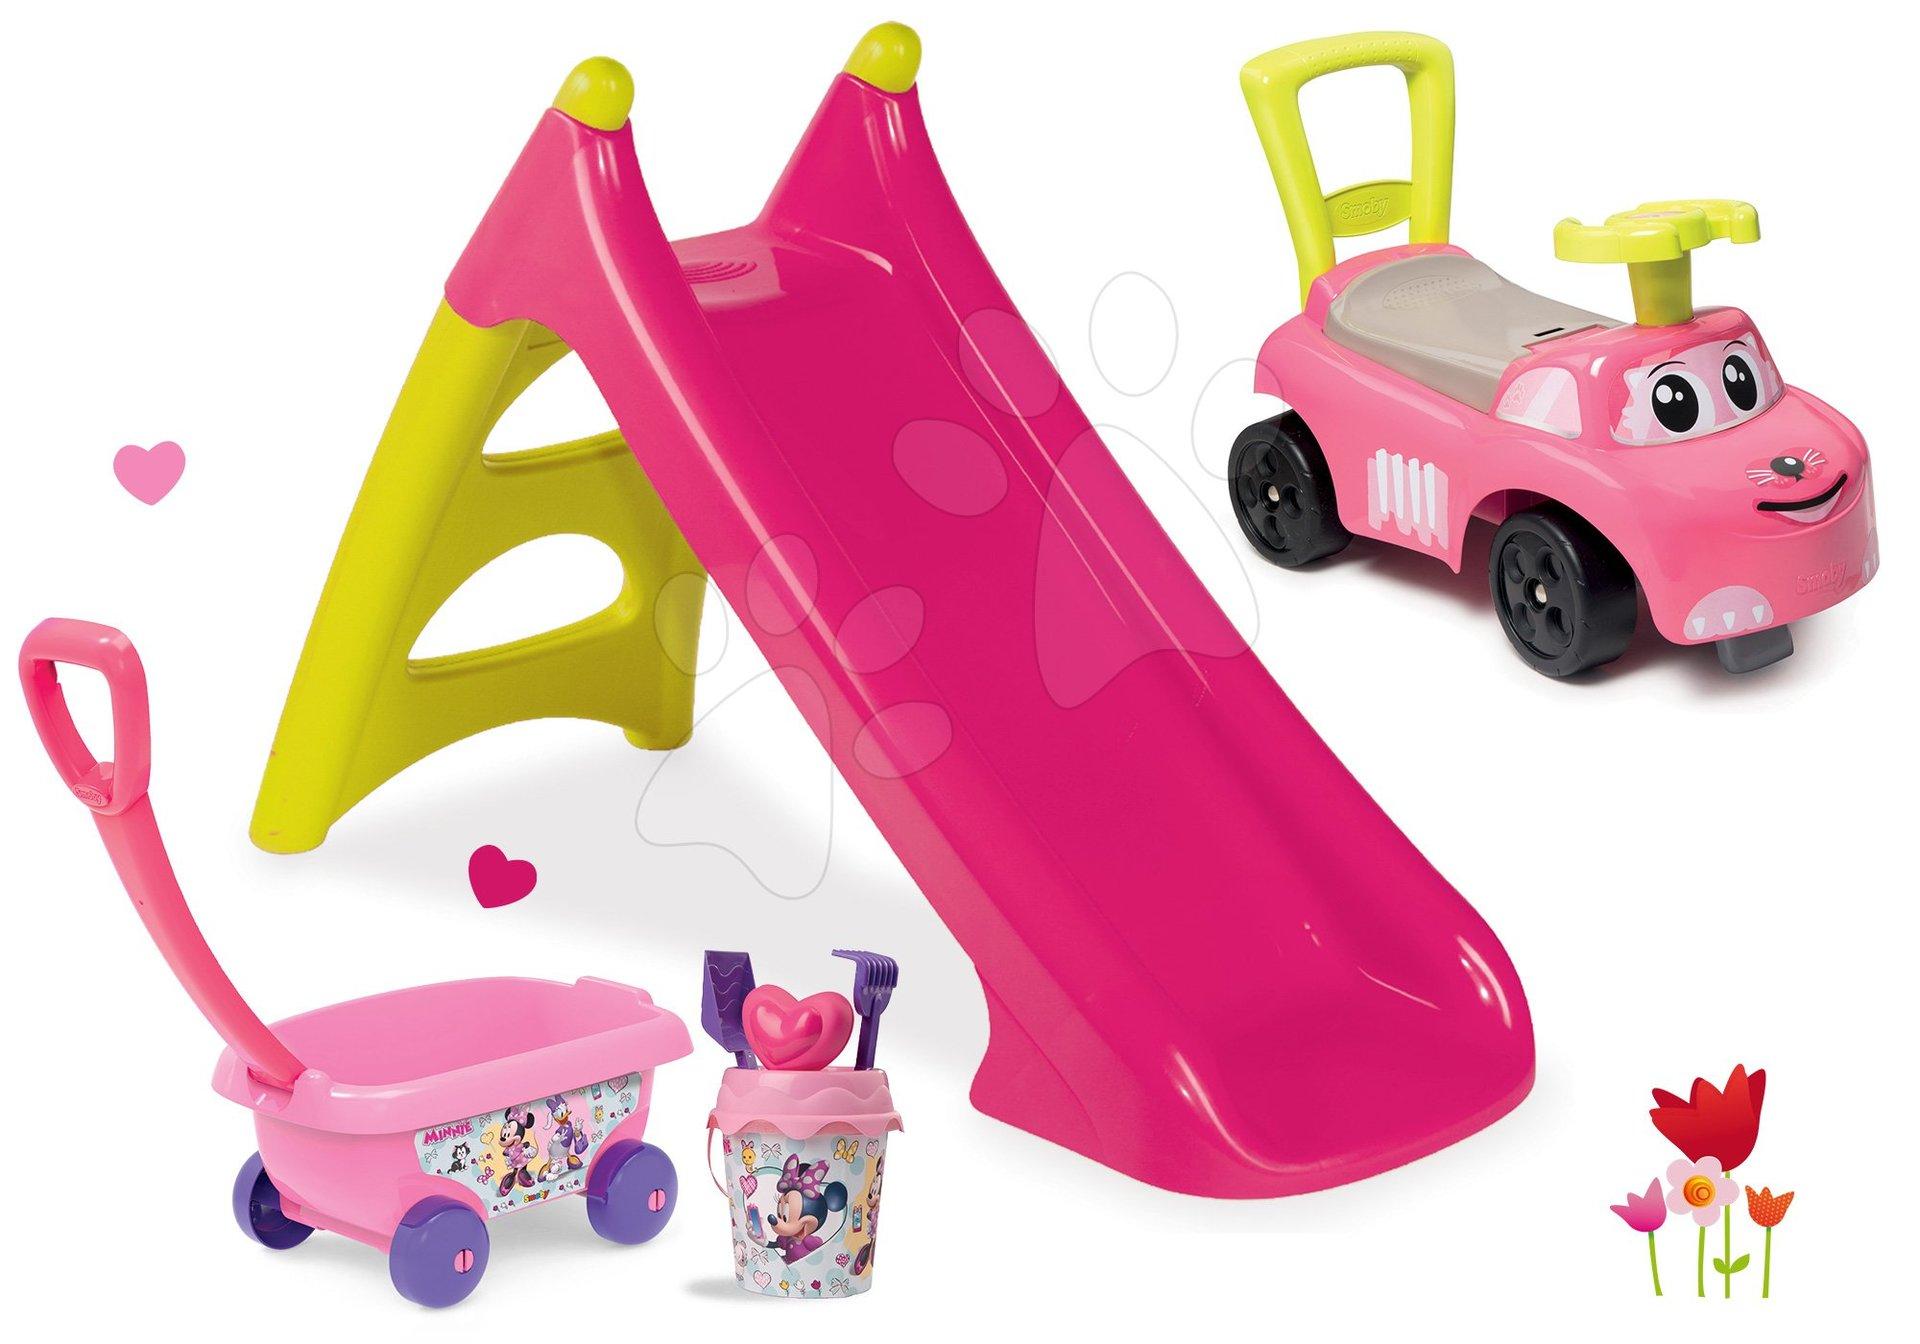 Set šmykľavka Toboggan XS ružová Smoby a odrážadlo s vozíkom a vedro setom Minnie